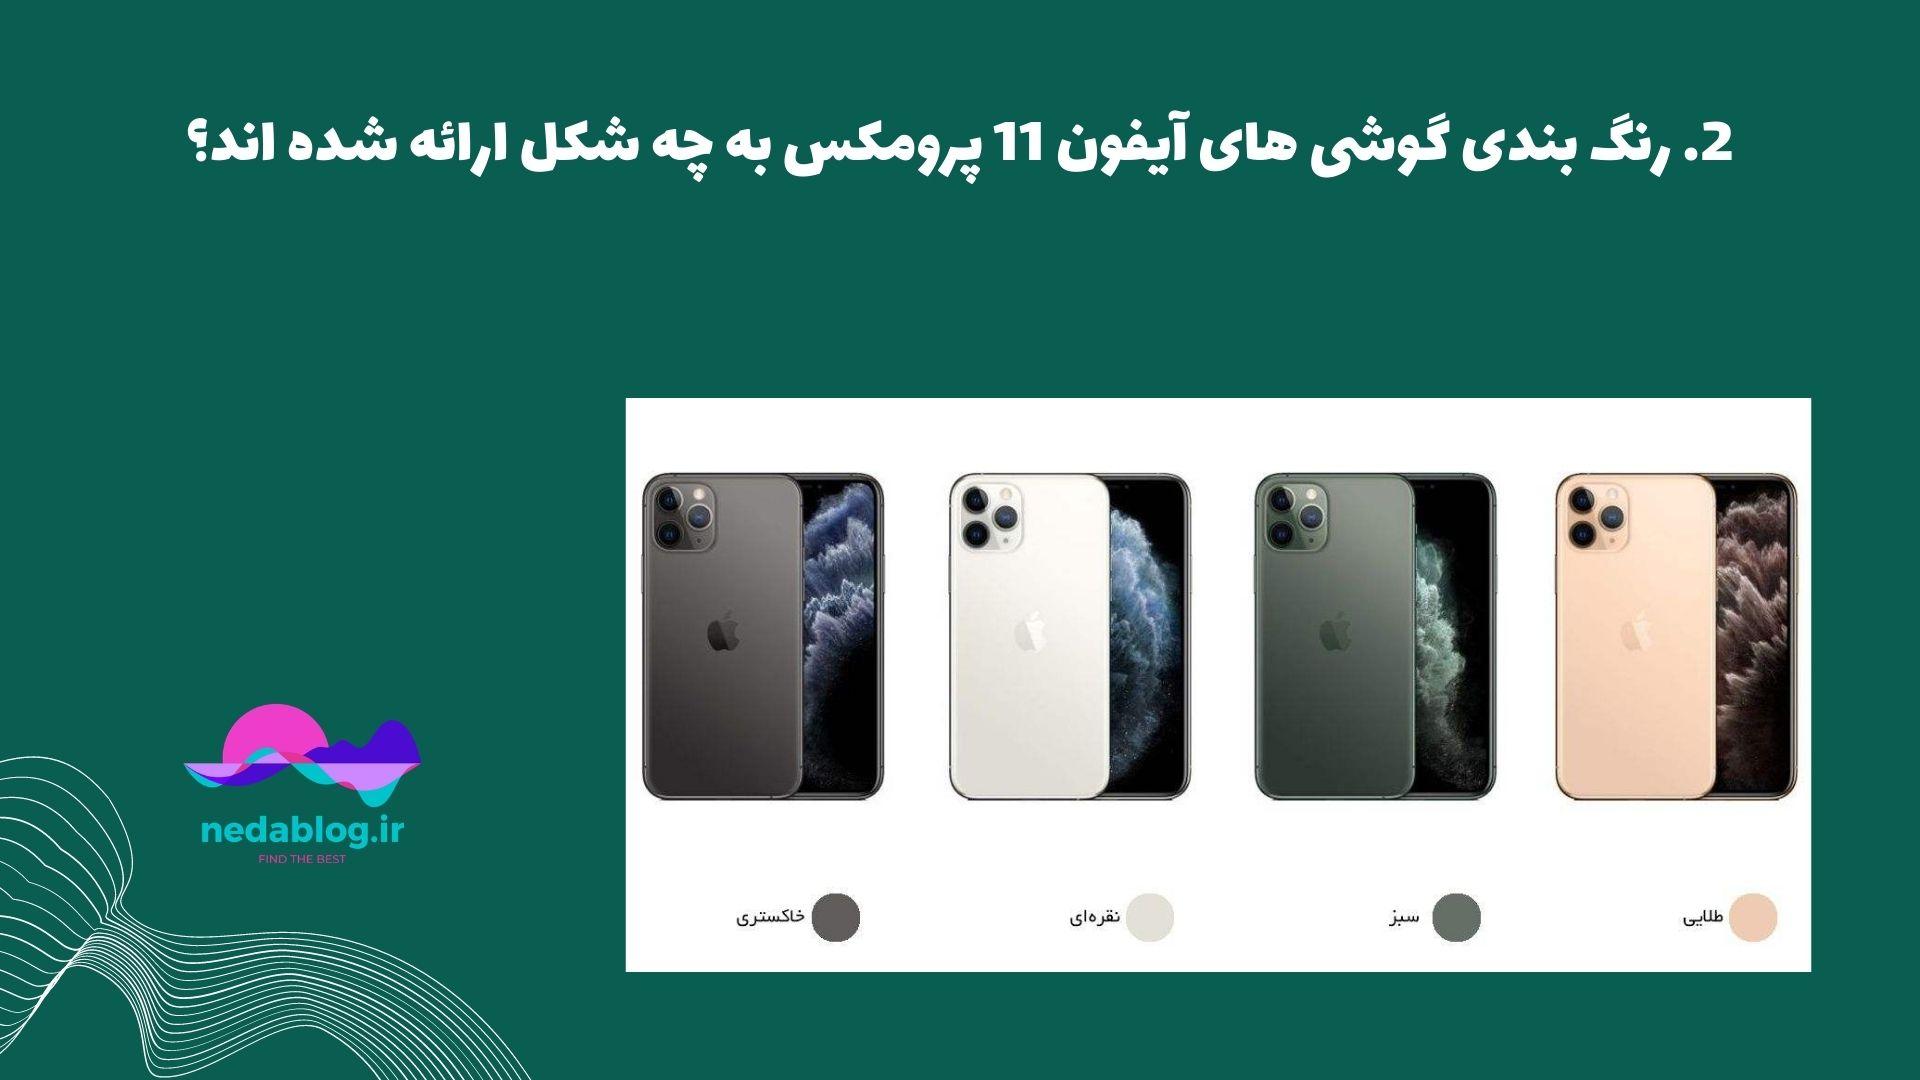 رنگ بندی گوشی های آیفون 11 پرومکس به چه شکل ارائه شده اند؟